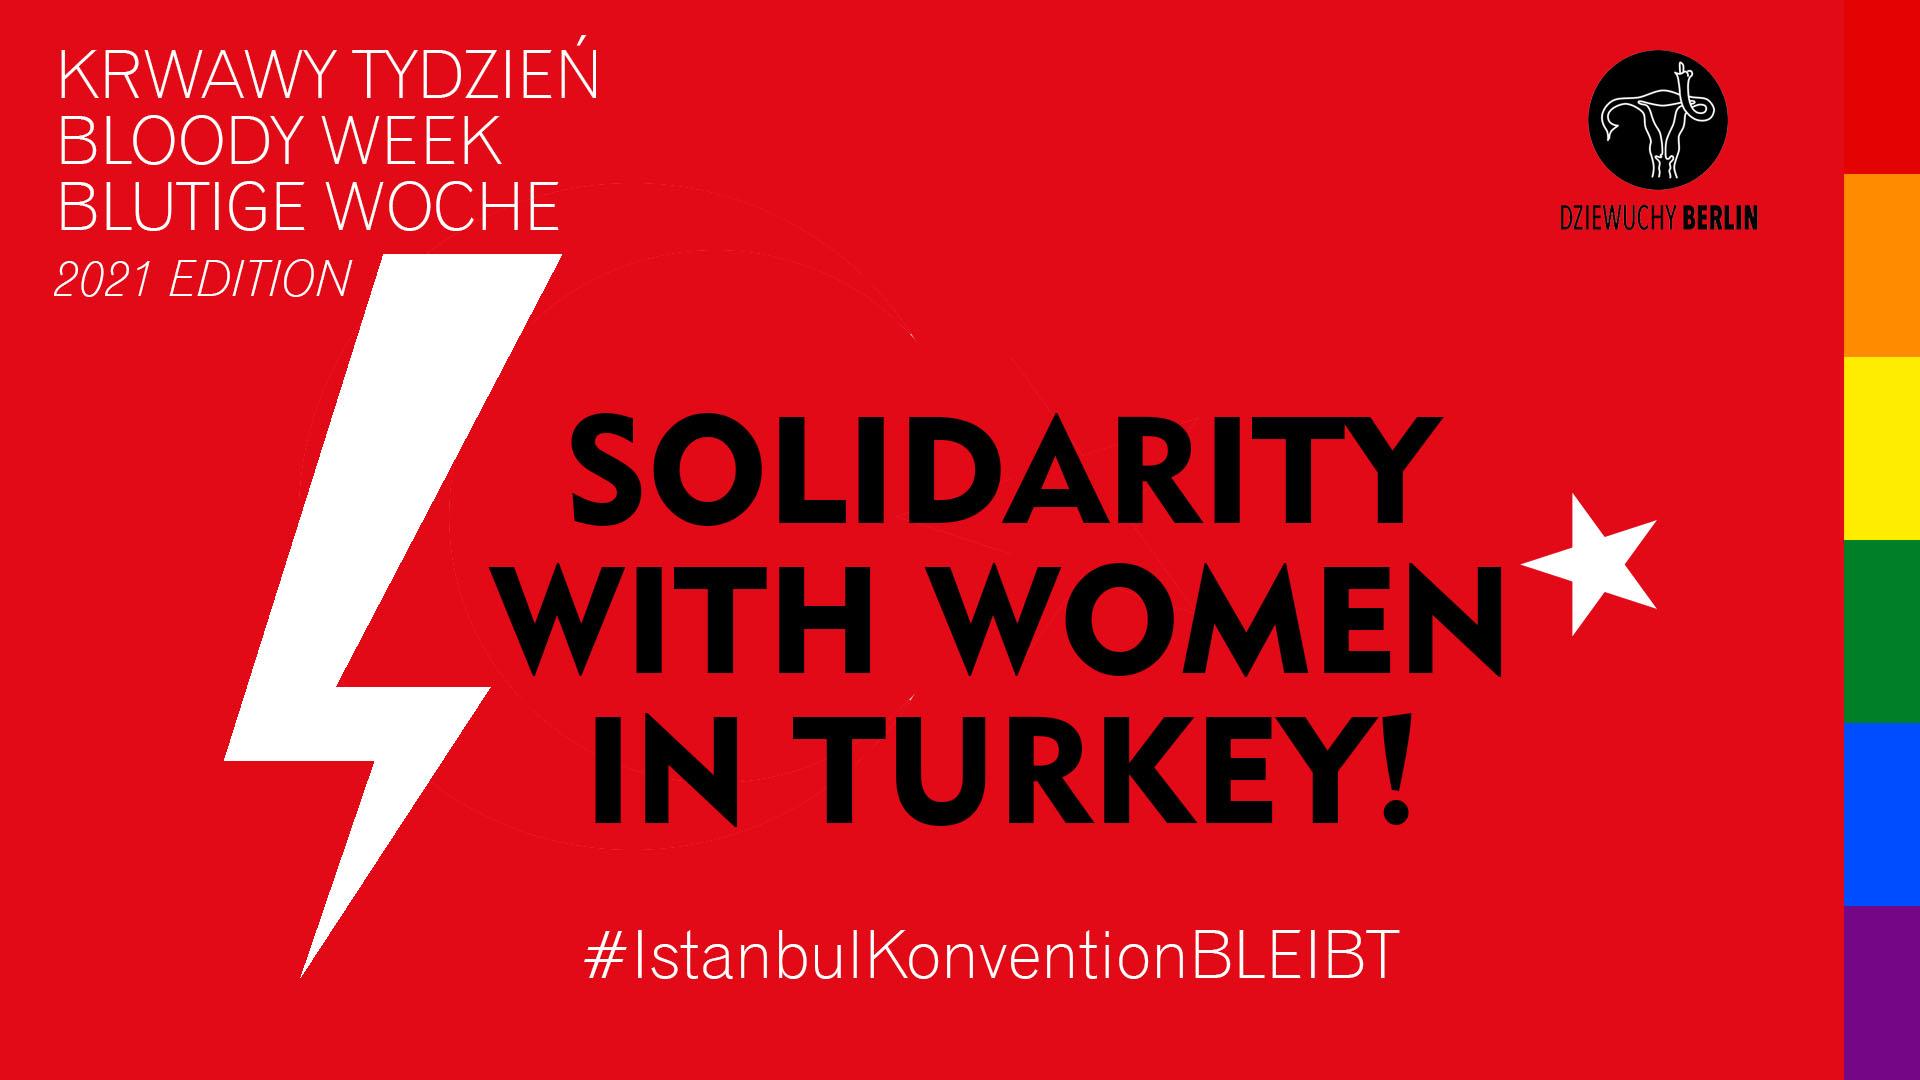 31.3.2021 | Redebeitrag von Dest Dan / Istanbul-Konvention